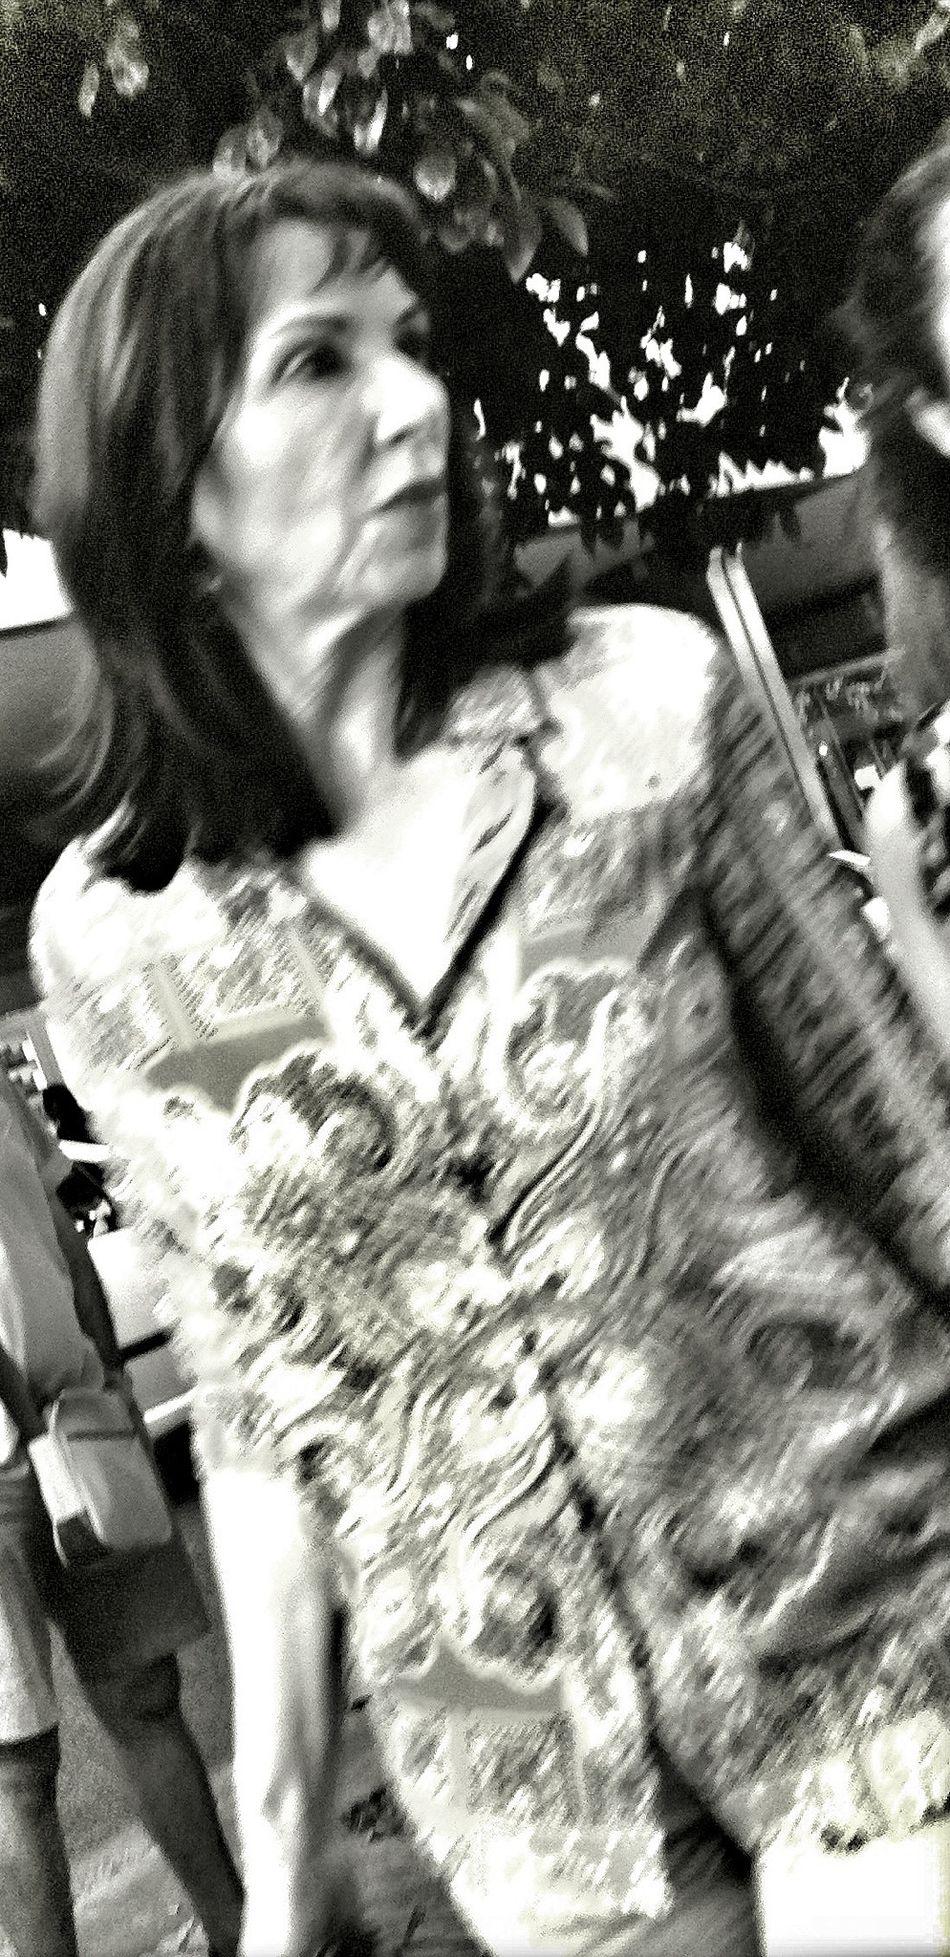 The Spock's sister? Blackandwhite Streetphotography Street Portrait Star Trek